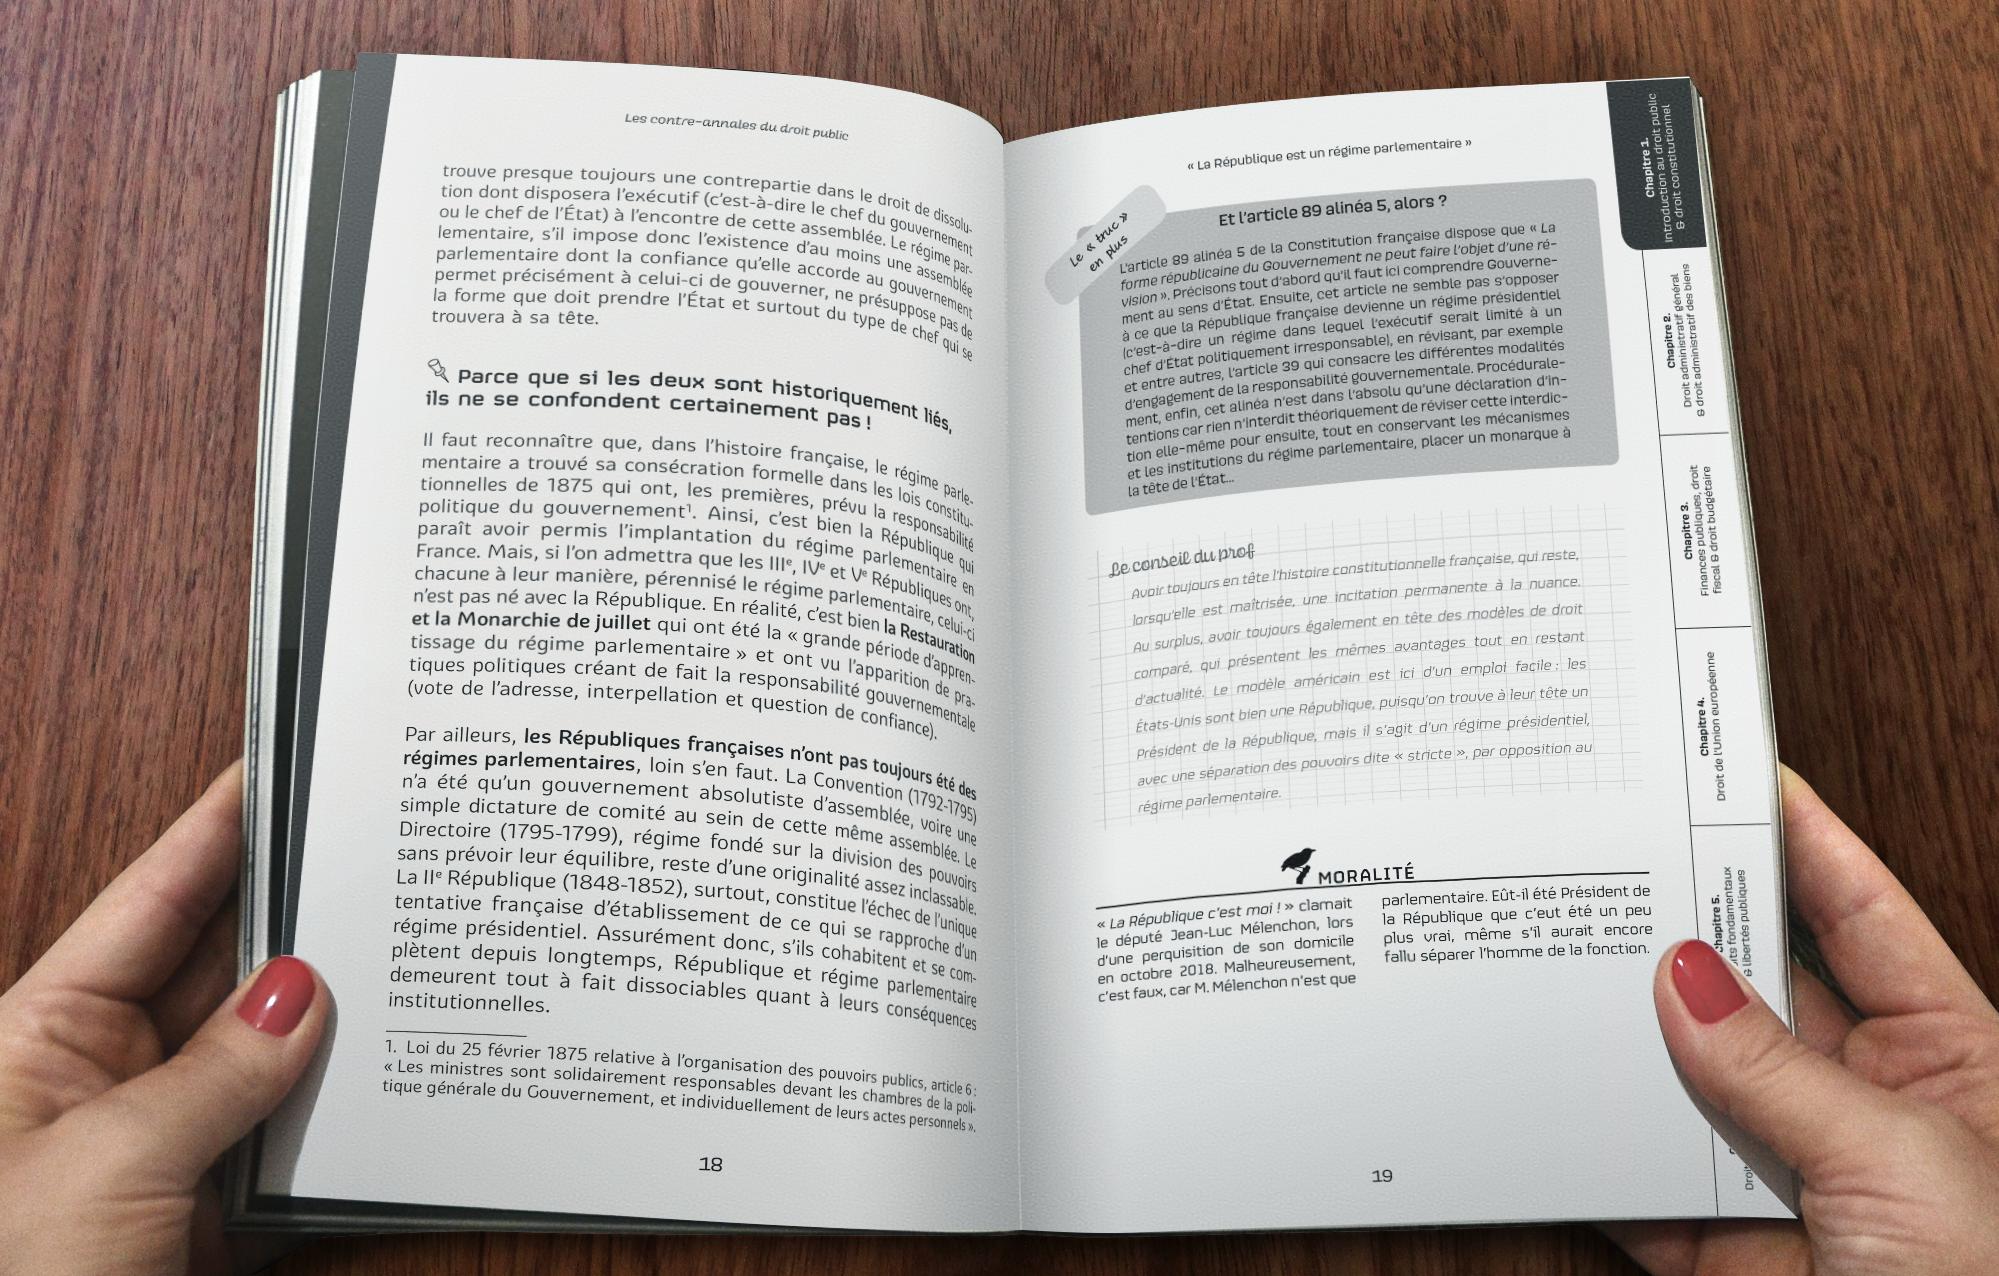 Création de maquette et mise en pages d'une maquette spécifique pour l'ouvrage Les Contre Annales du Droit Public, de la collection délicieusement décalée Le Meilleur du Droit pour l'éditeur Enrick B